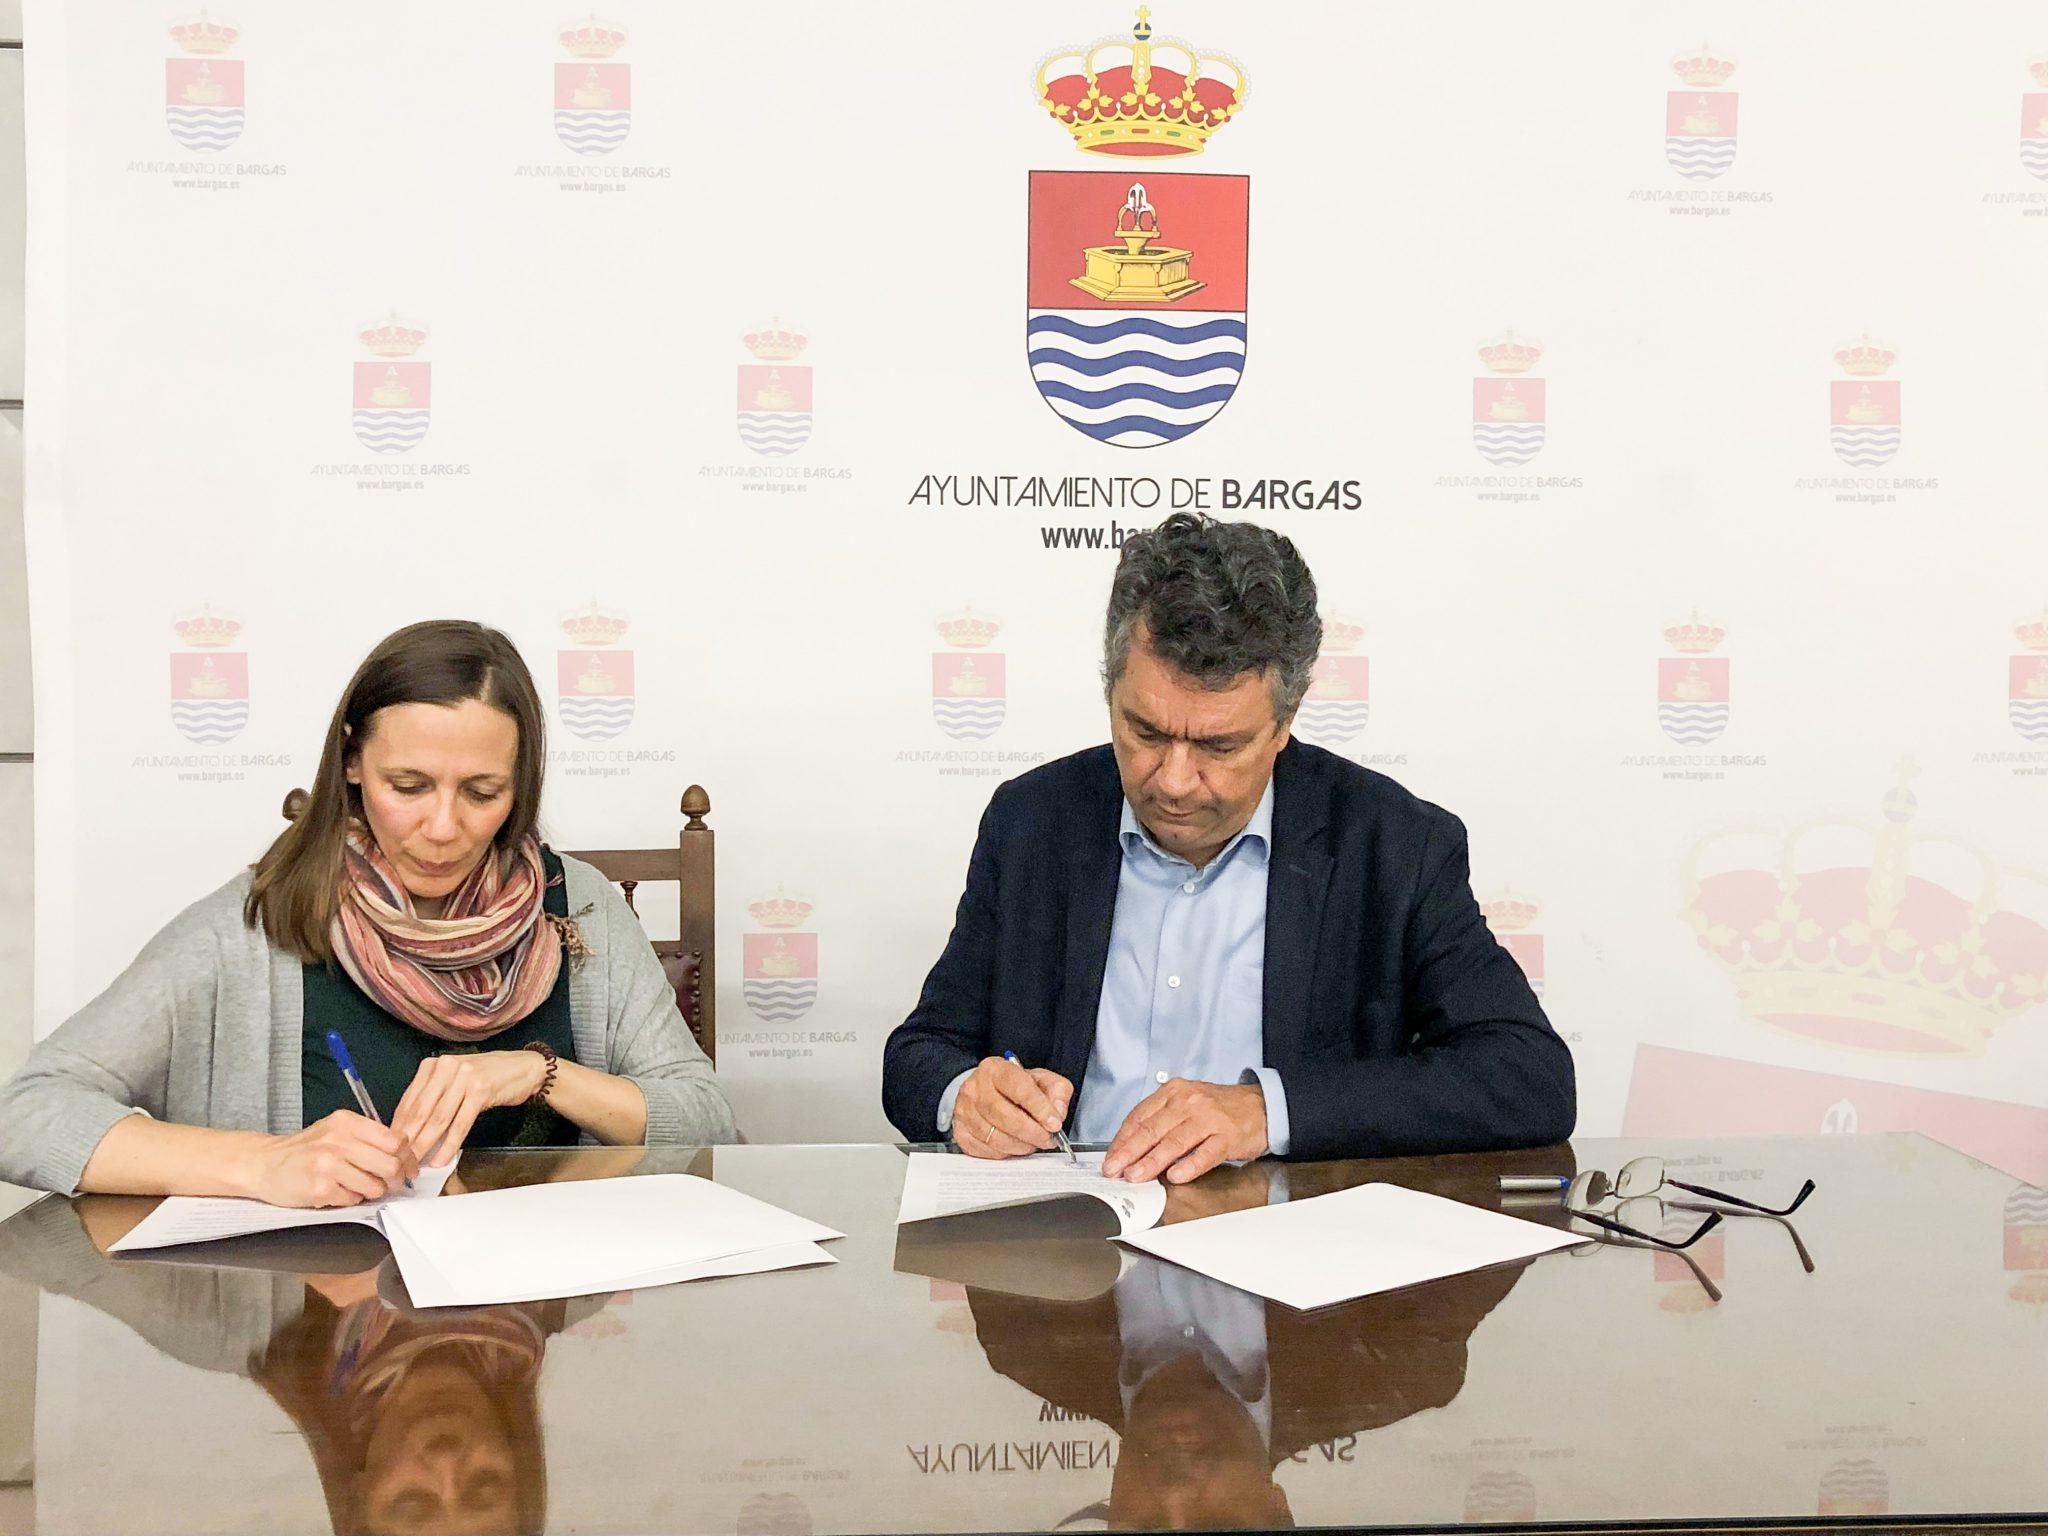 Bargas firma un convenio para implantar proyectos europeos para los jóvenes de la localidad